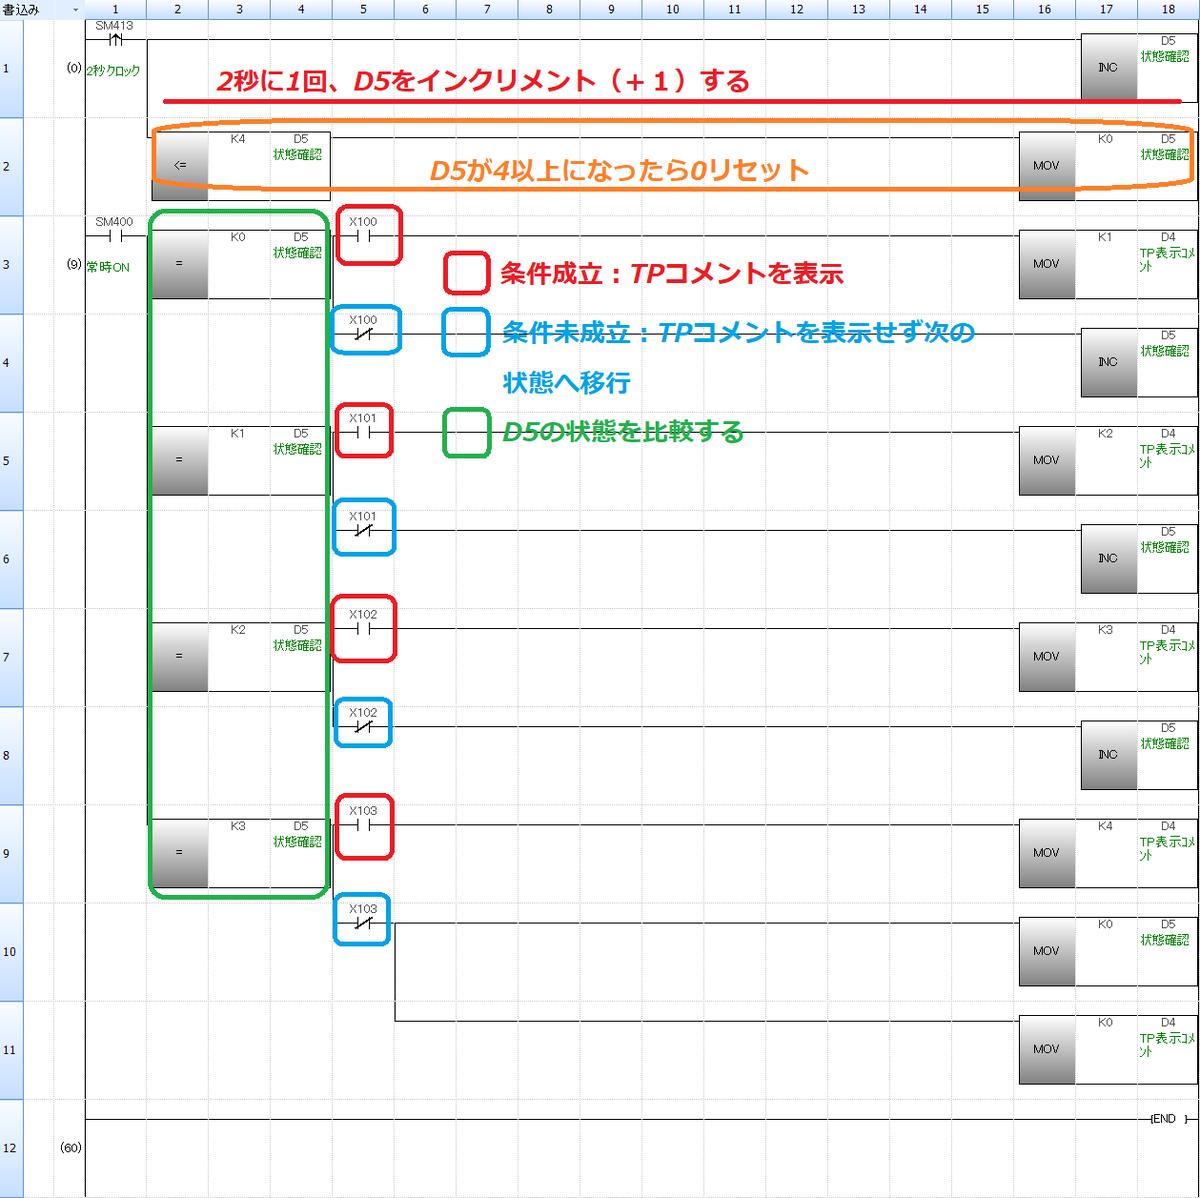 f:id:vv_6ong_3ka_cp:20210725042228p:plain